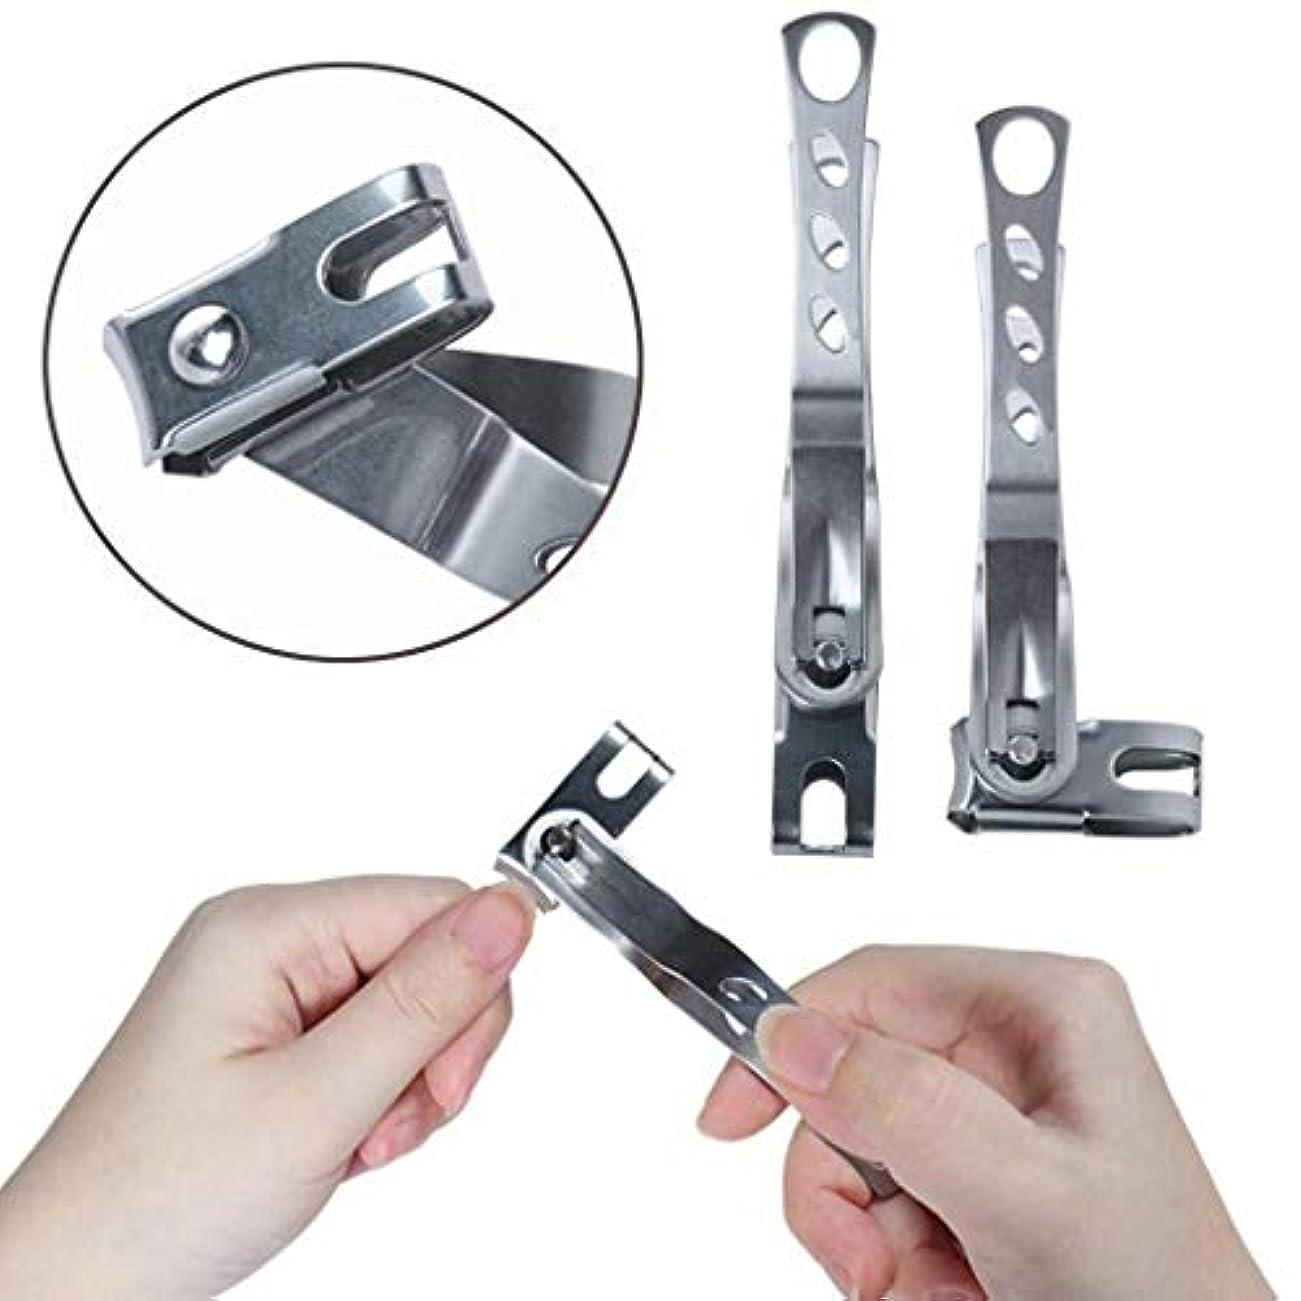 非常に上院錆び360度回転ネイルバリカン、430ステンレス鋼ペンチ指のつま先ネイルはさみマニキュアツール